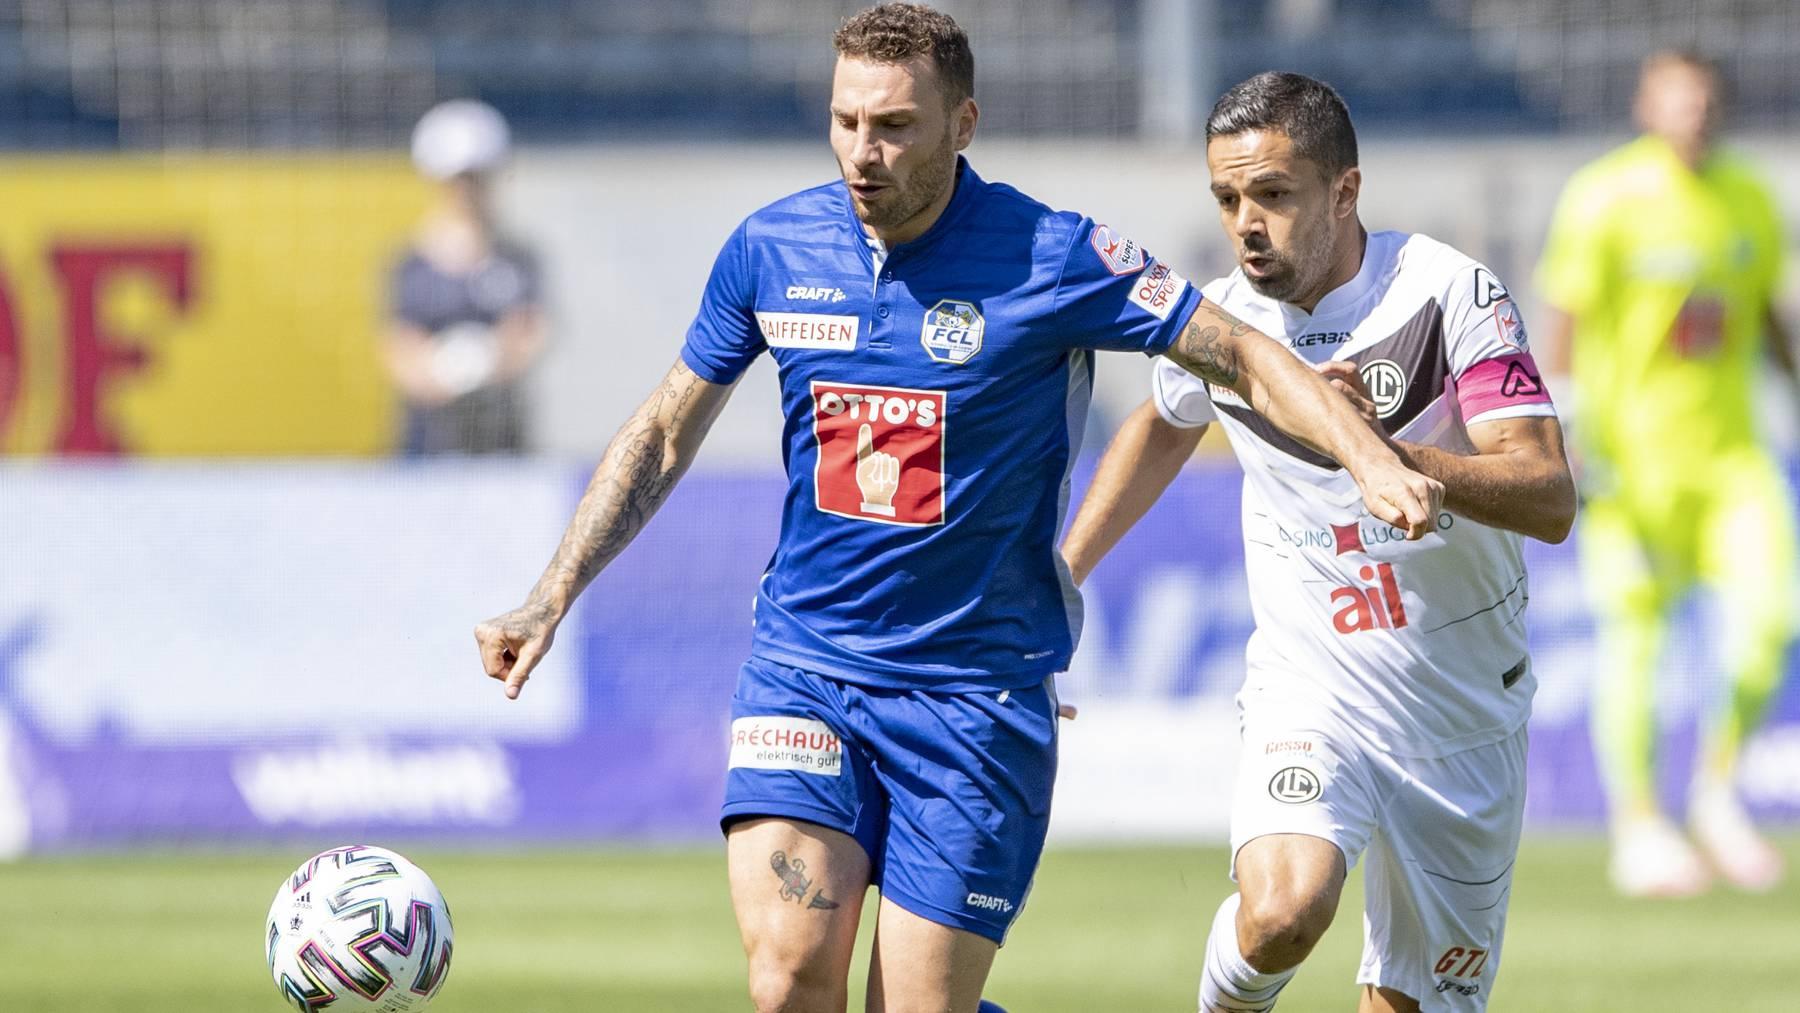 Francesco Margiotta, FCL